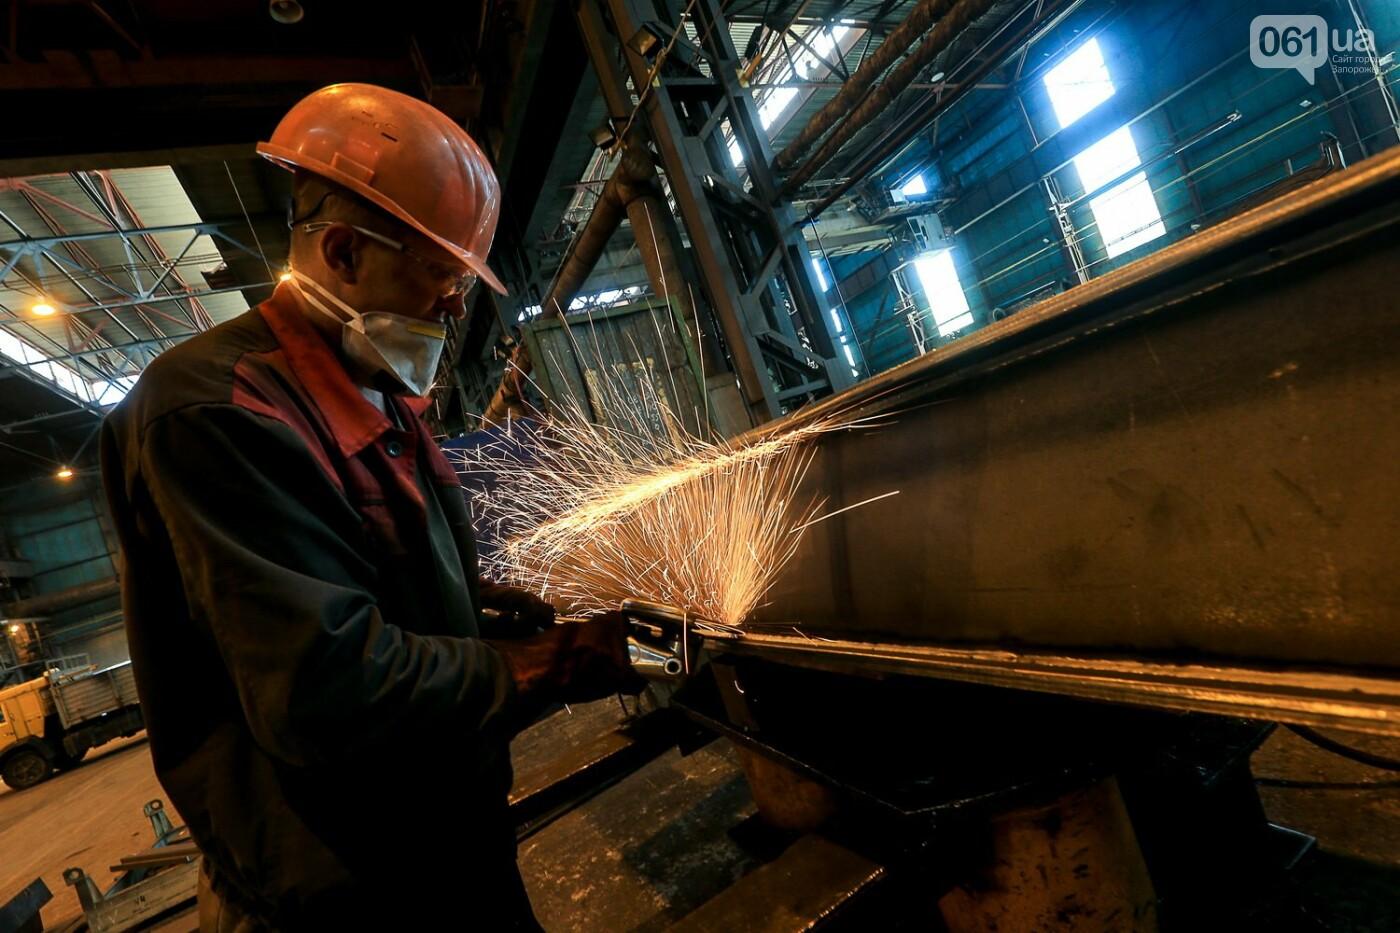 Как в Запорожье работает крупнейший в Европе завод по производству кранов: экскурсия на производство, — ФОТОРЕПОРТАЖ, фото-18